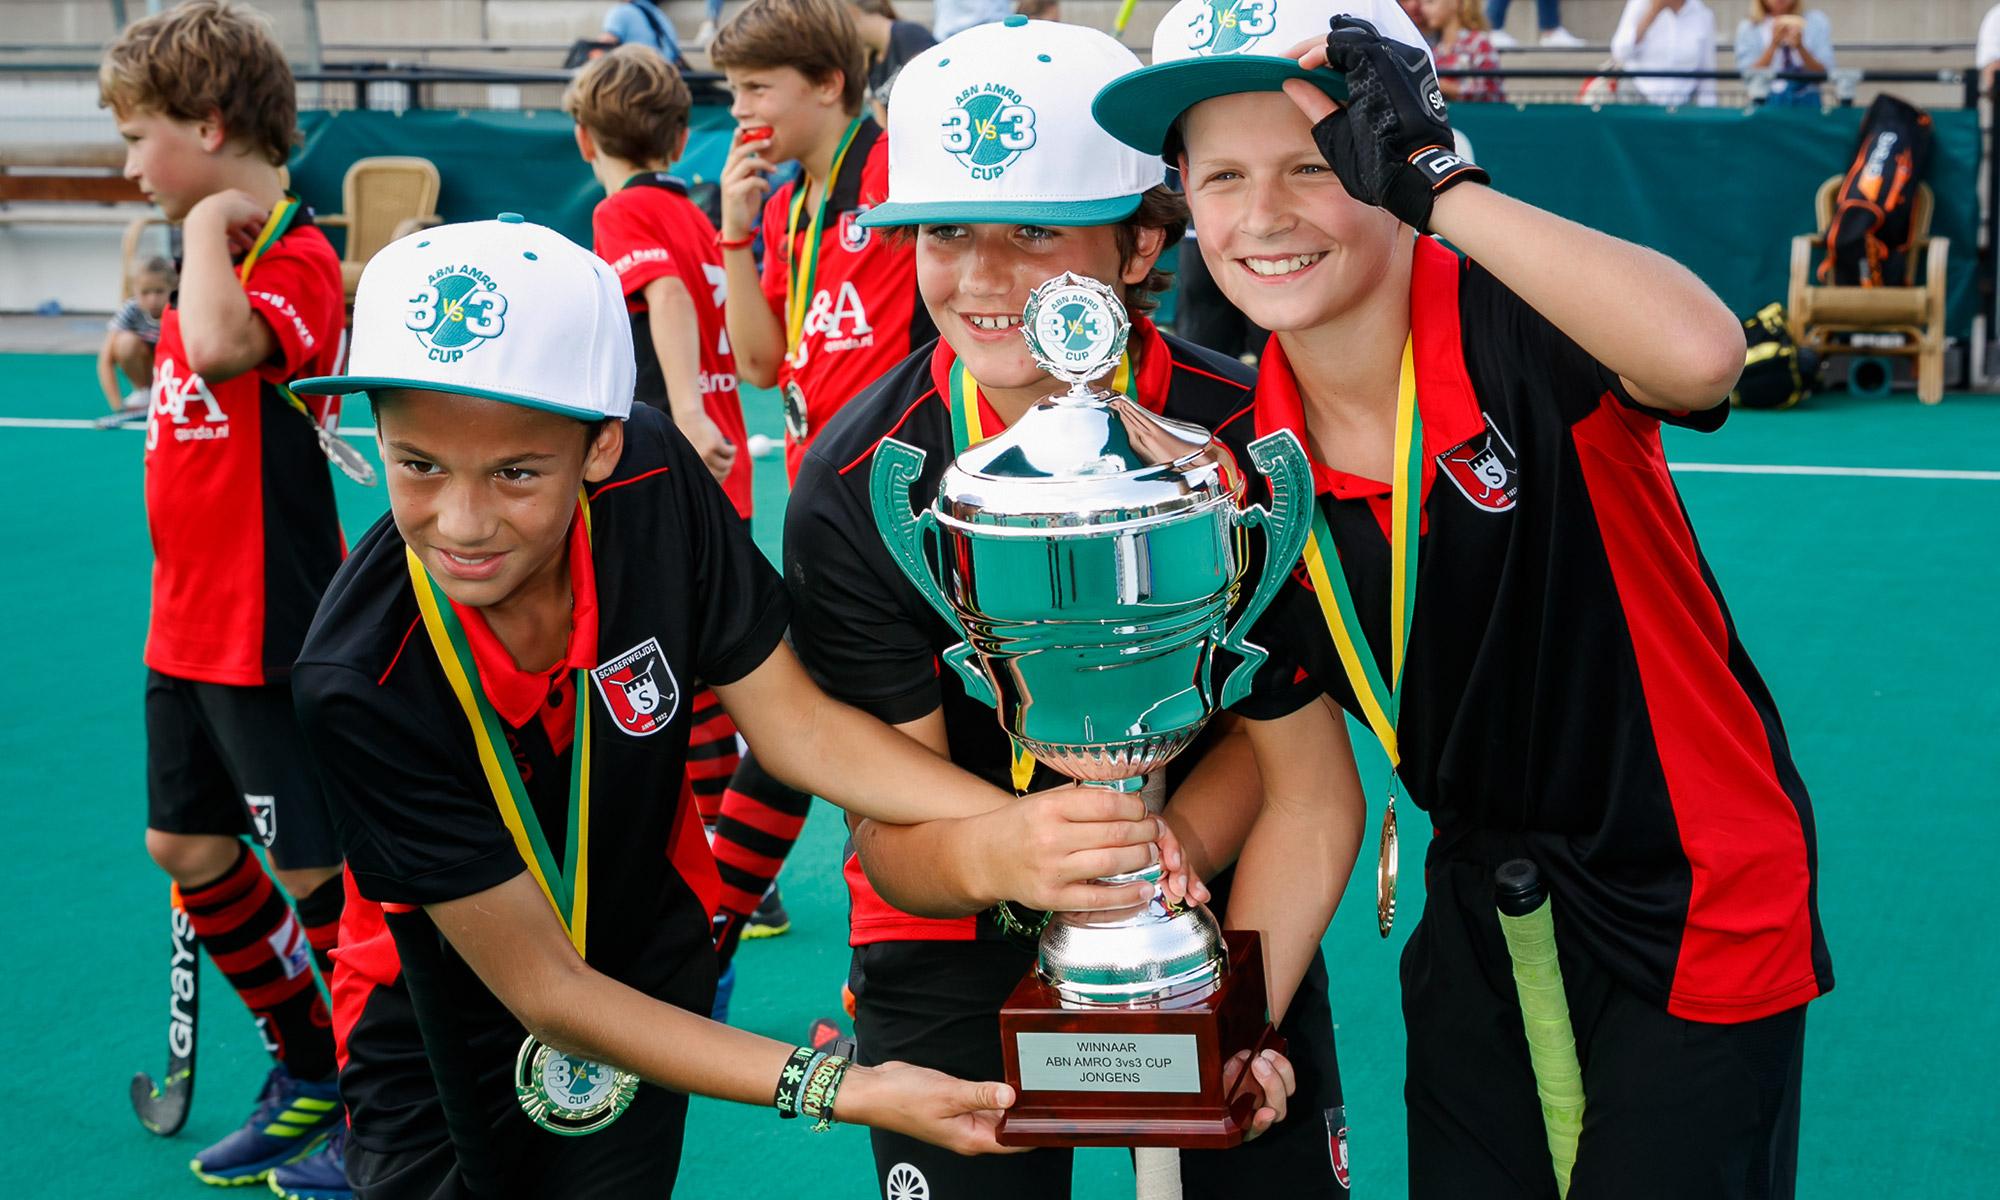 Winnaars ABN AMRO 3vs3 Cup